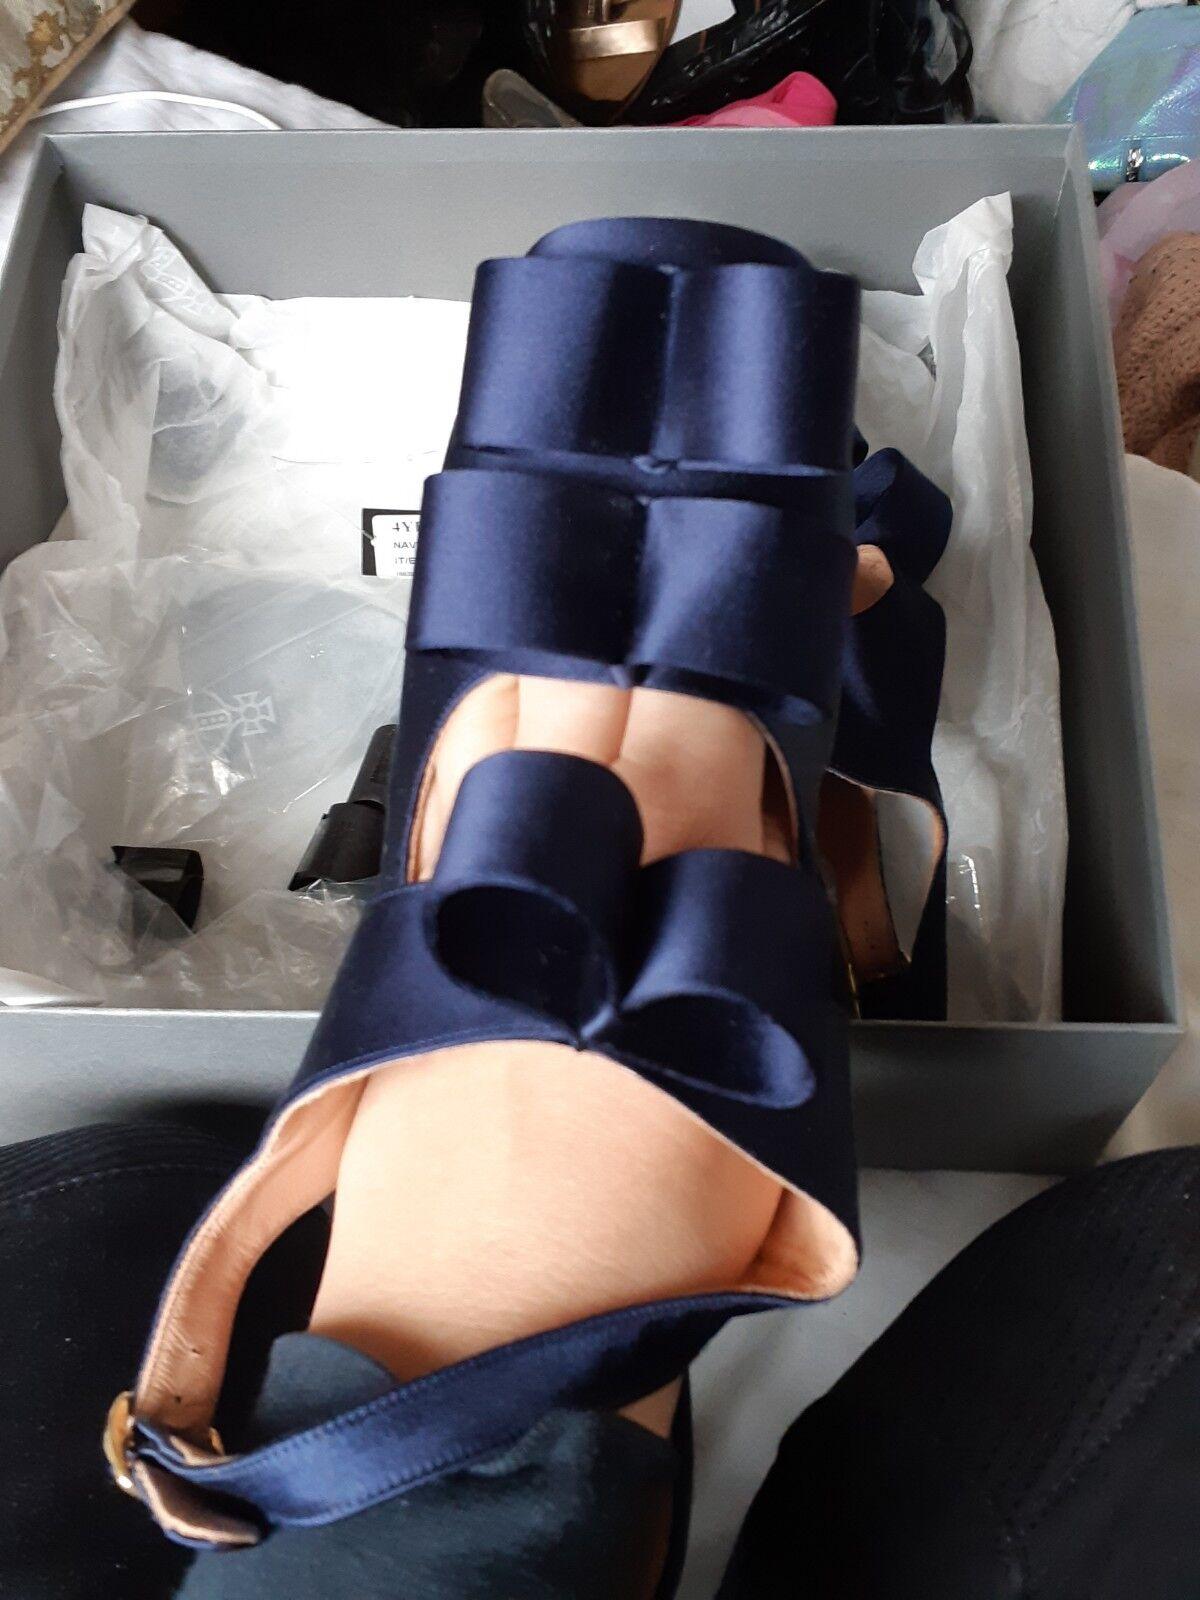 Vivienne Westwood Satin Bow 7 Shoes Size 7 Bow e2d8de